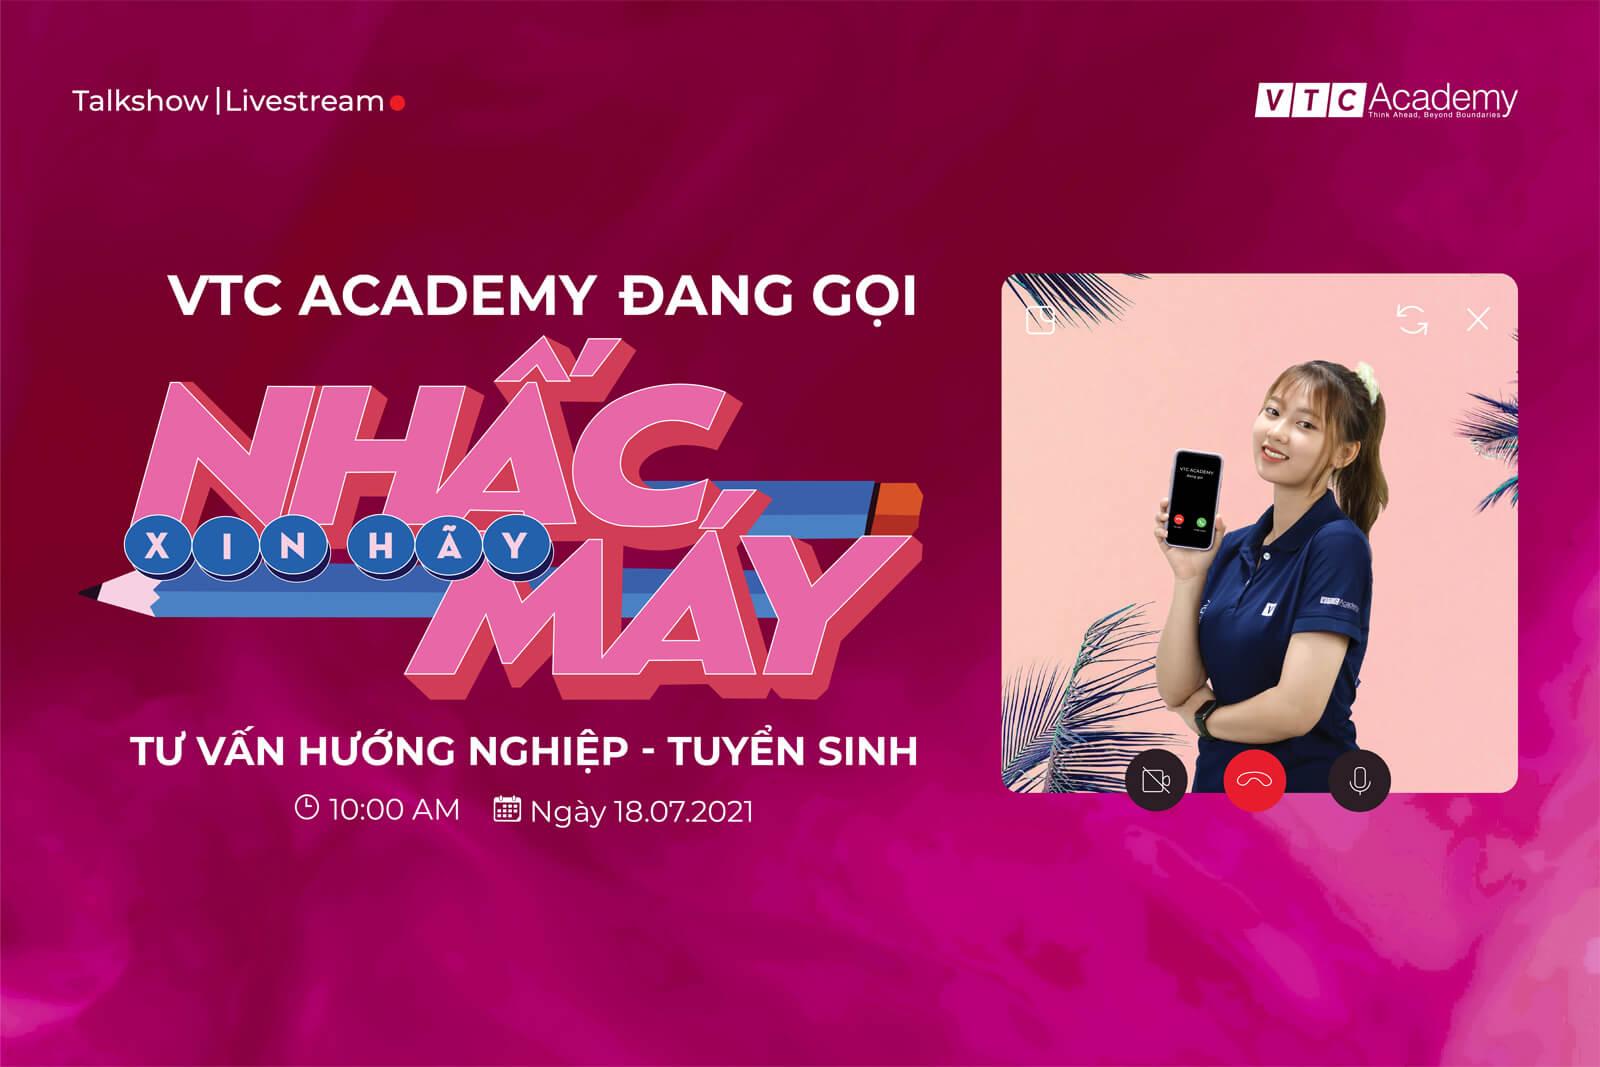 """Talkshow tư vấn hướng nghiệp – tuyển sinh trực tuyến """"VTC Academy đang gọi – Xin hãy nhấc máy"""""""